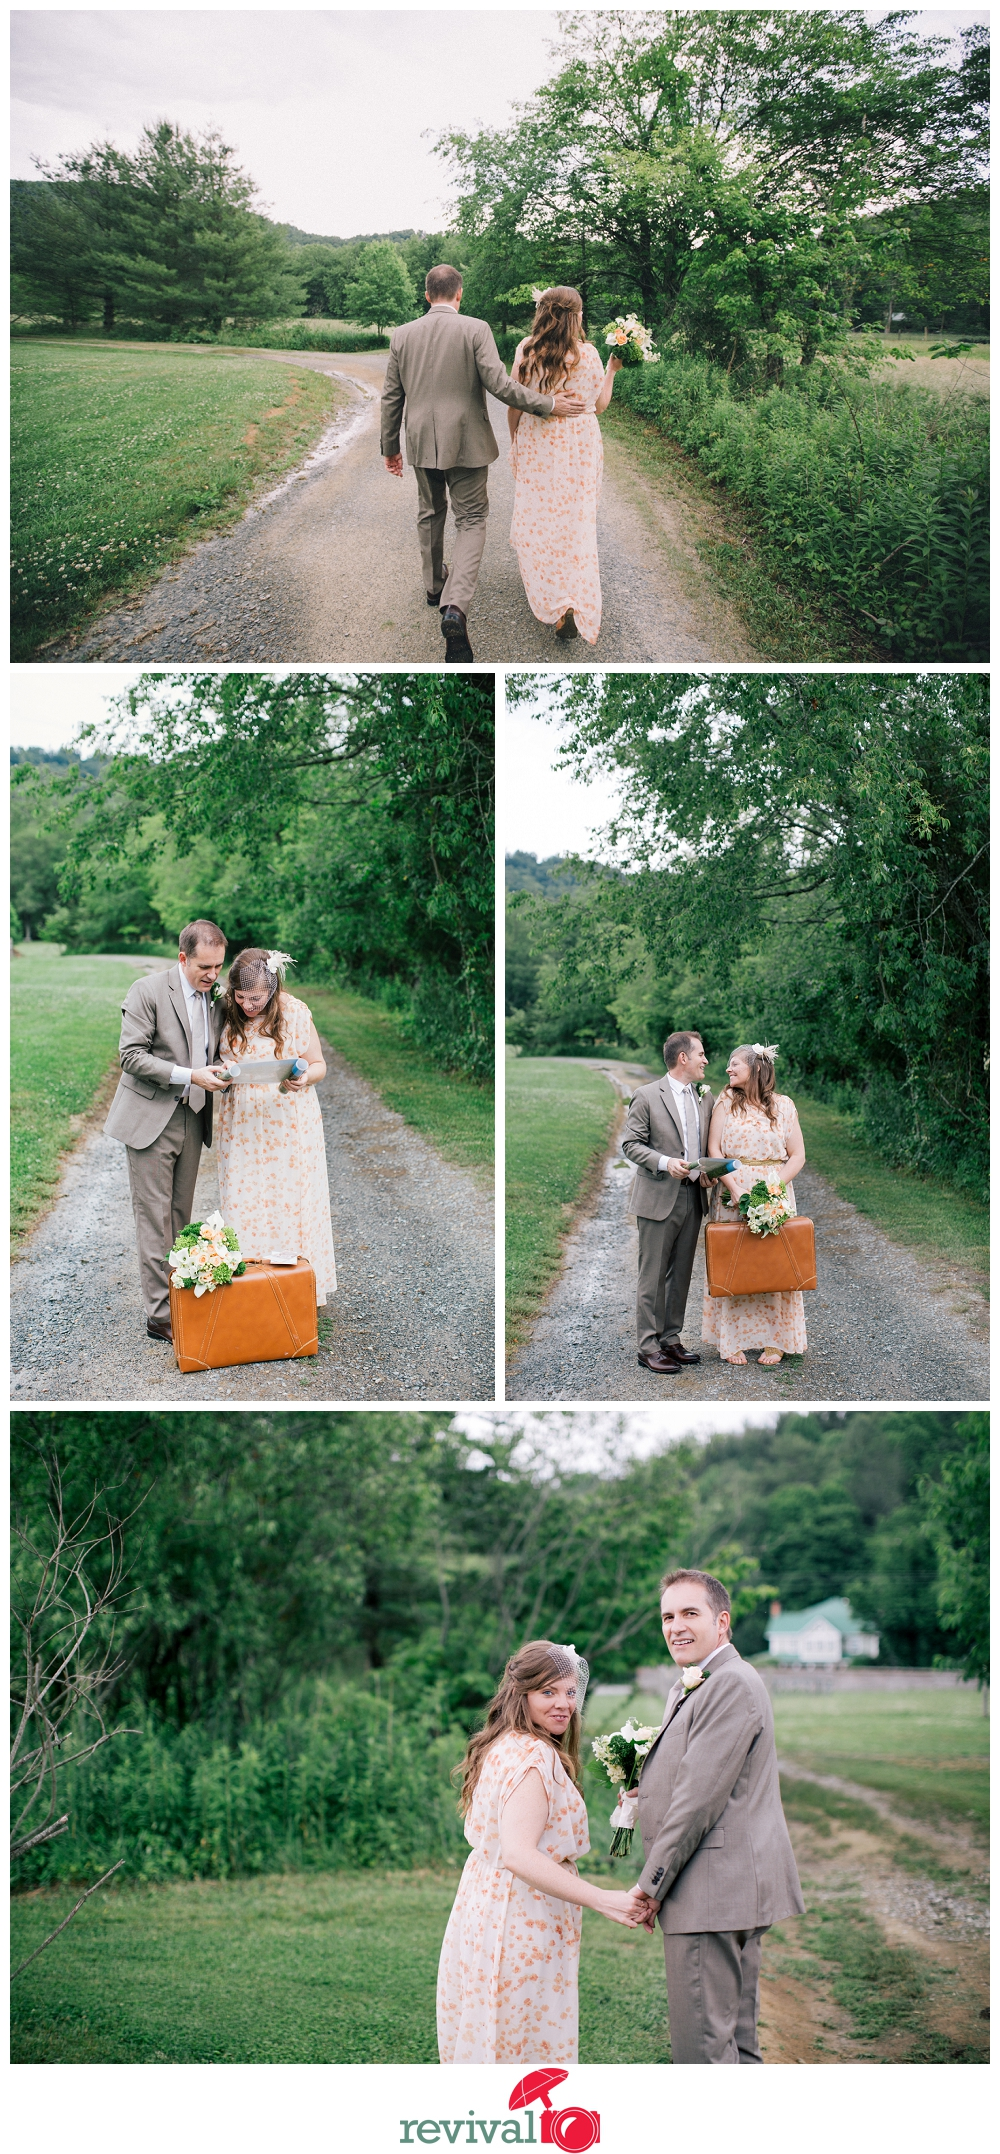 Elopement at The Mast Farm Inn Photos by Revival Photography Photo www.revivalphotography.com